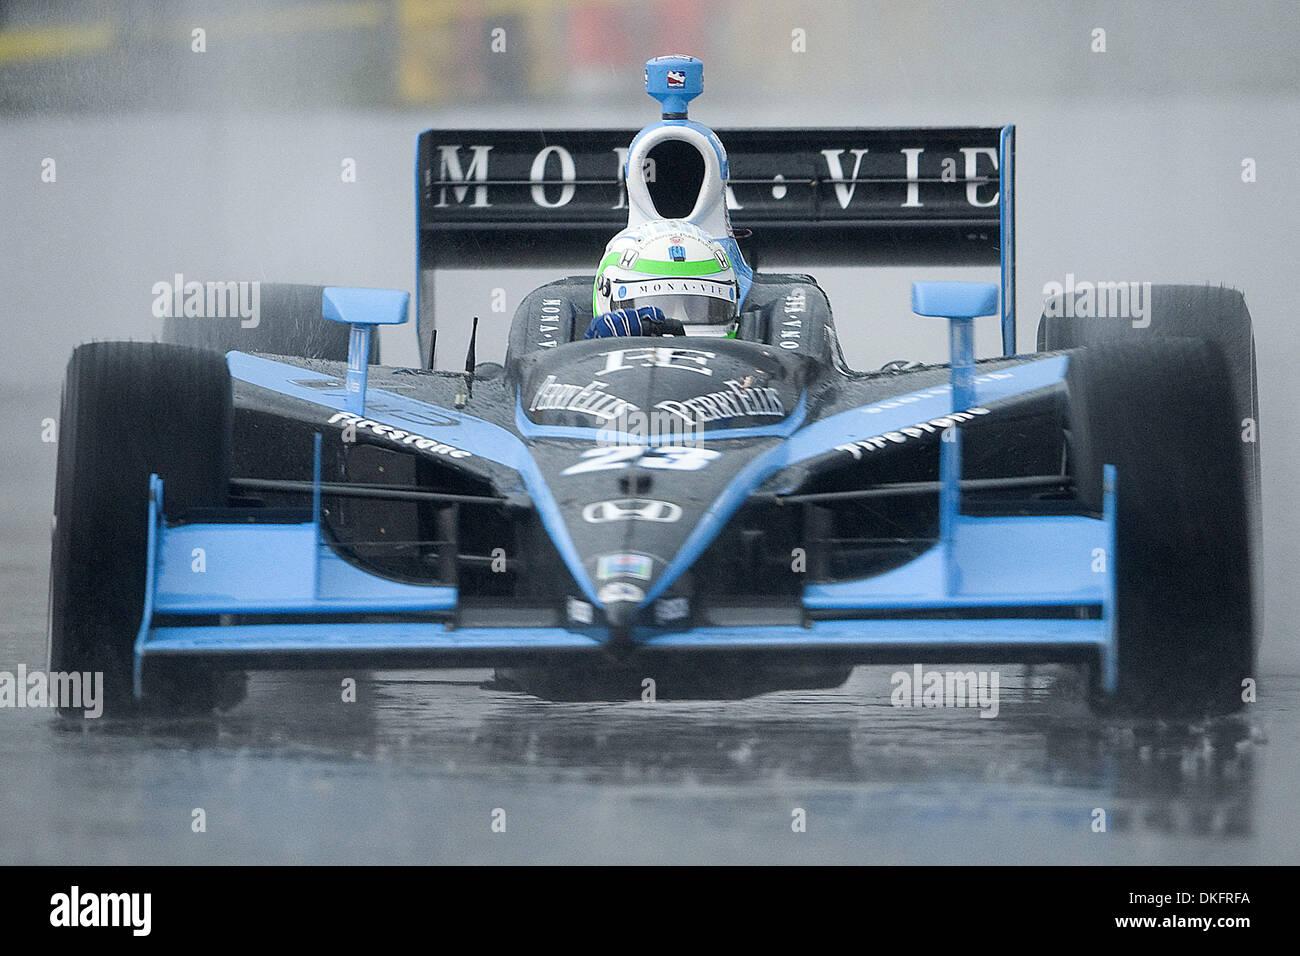 Dreyer Reinbold South >> Scheckter Stock Photos & Scheckter Stock Images - Alamy